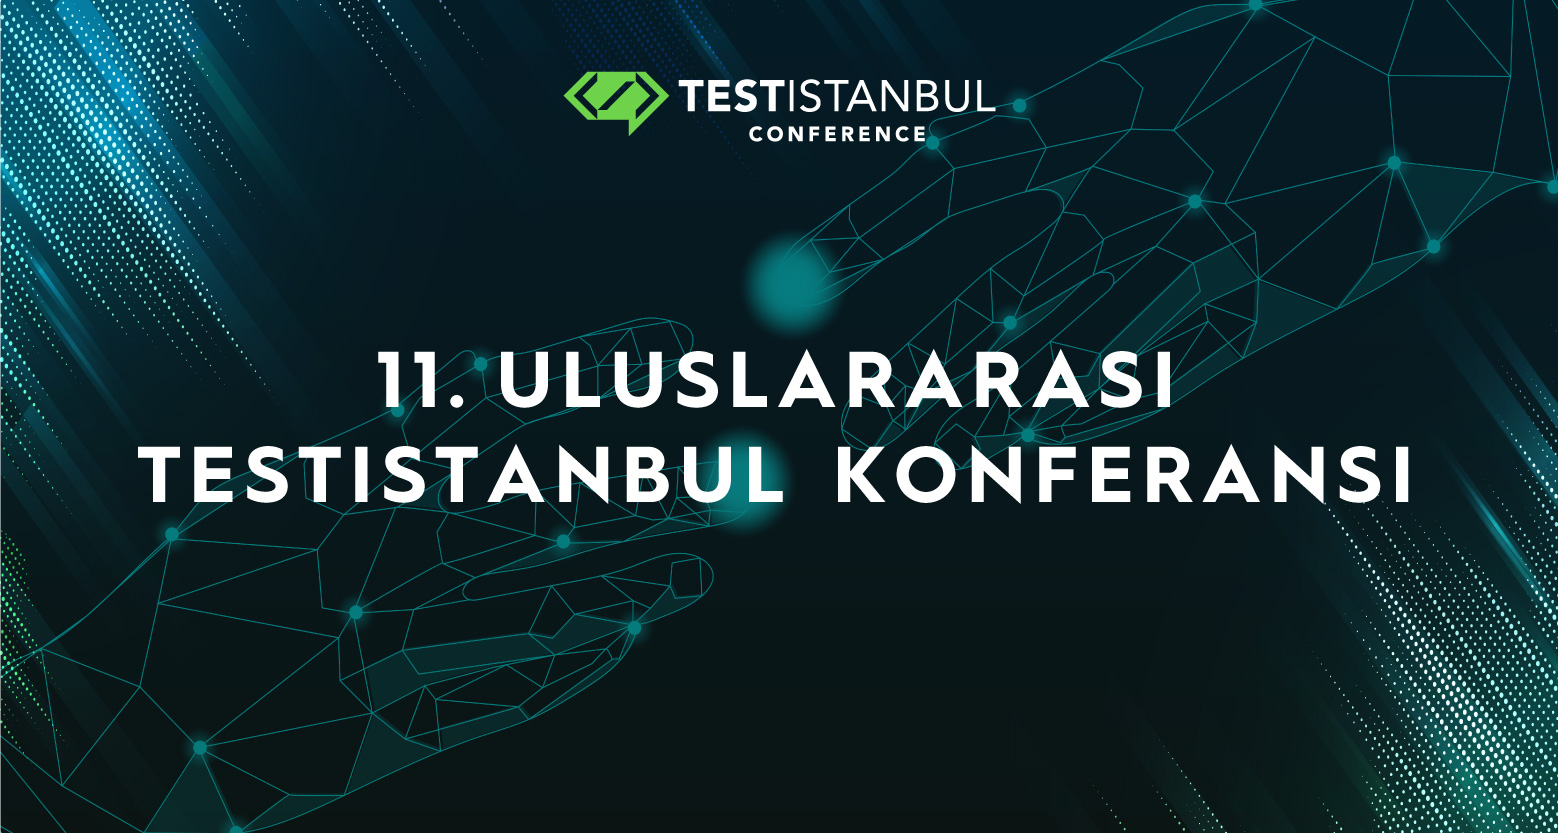 TestIstanbul'da gelecek test edildi